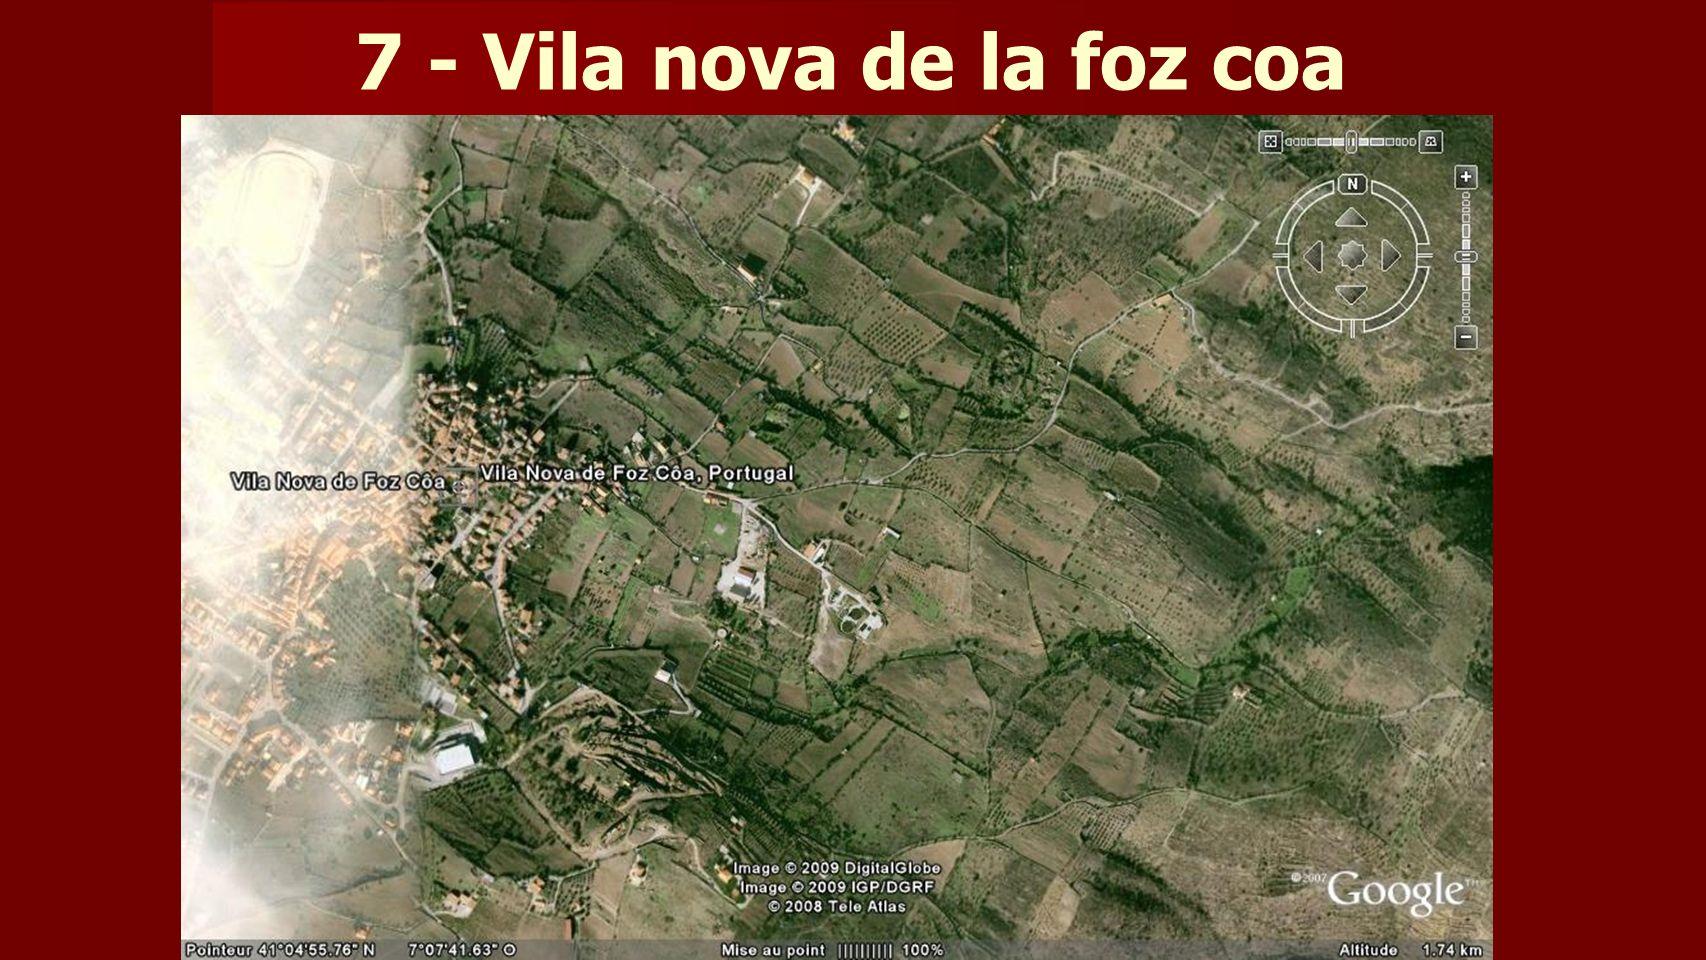 7 - Vila nova de la foz coa